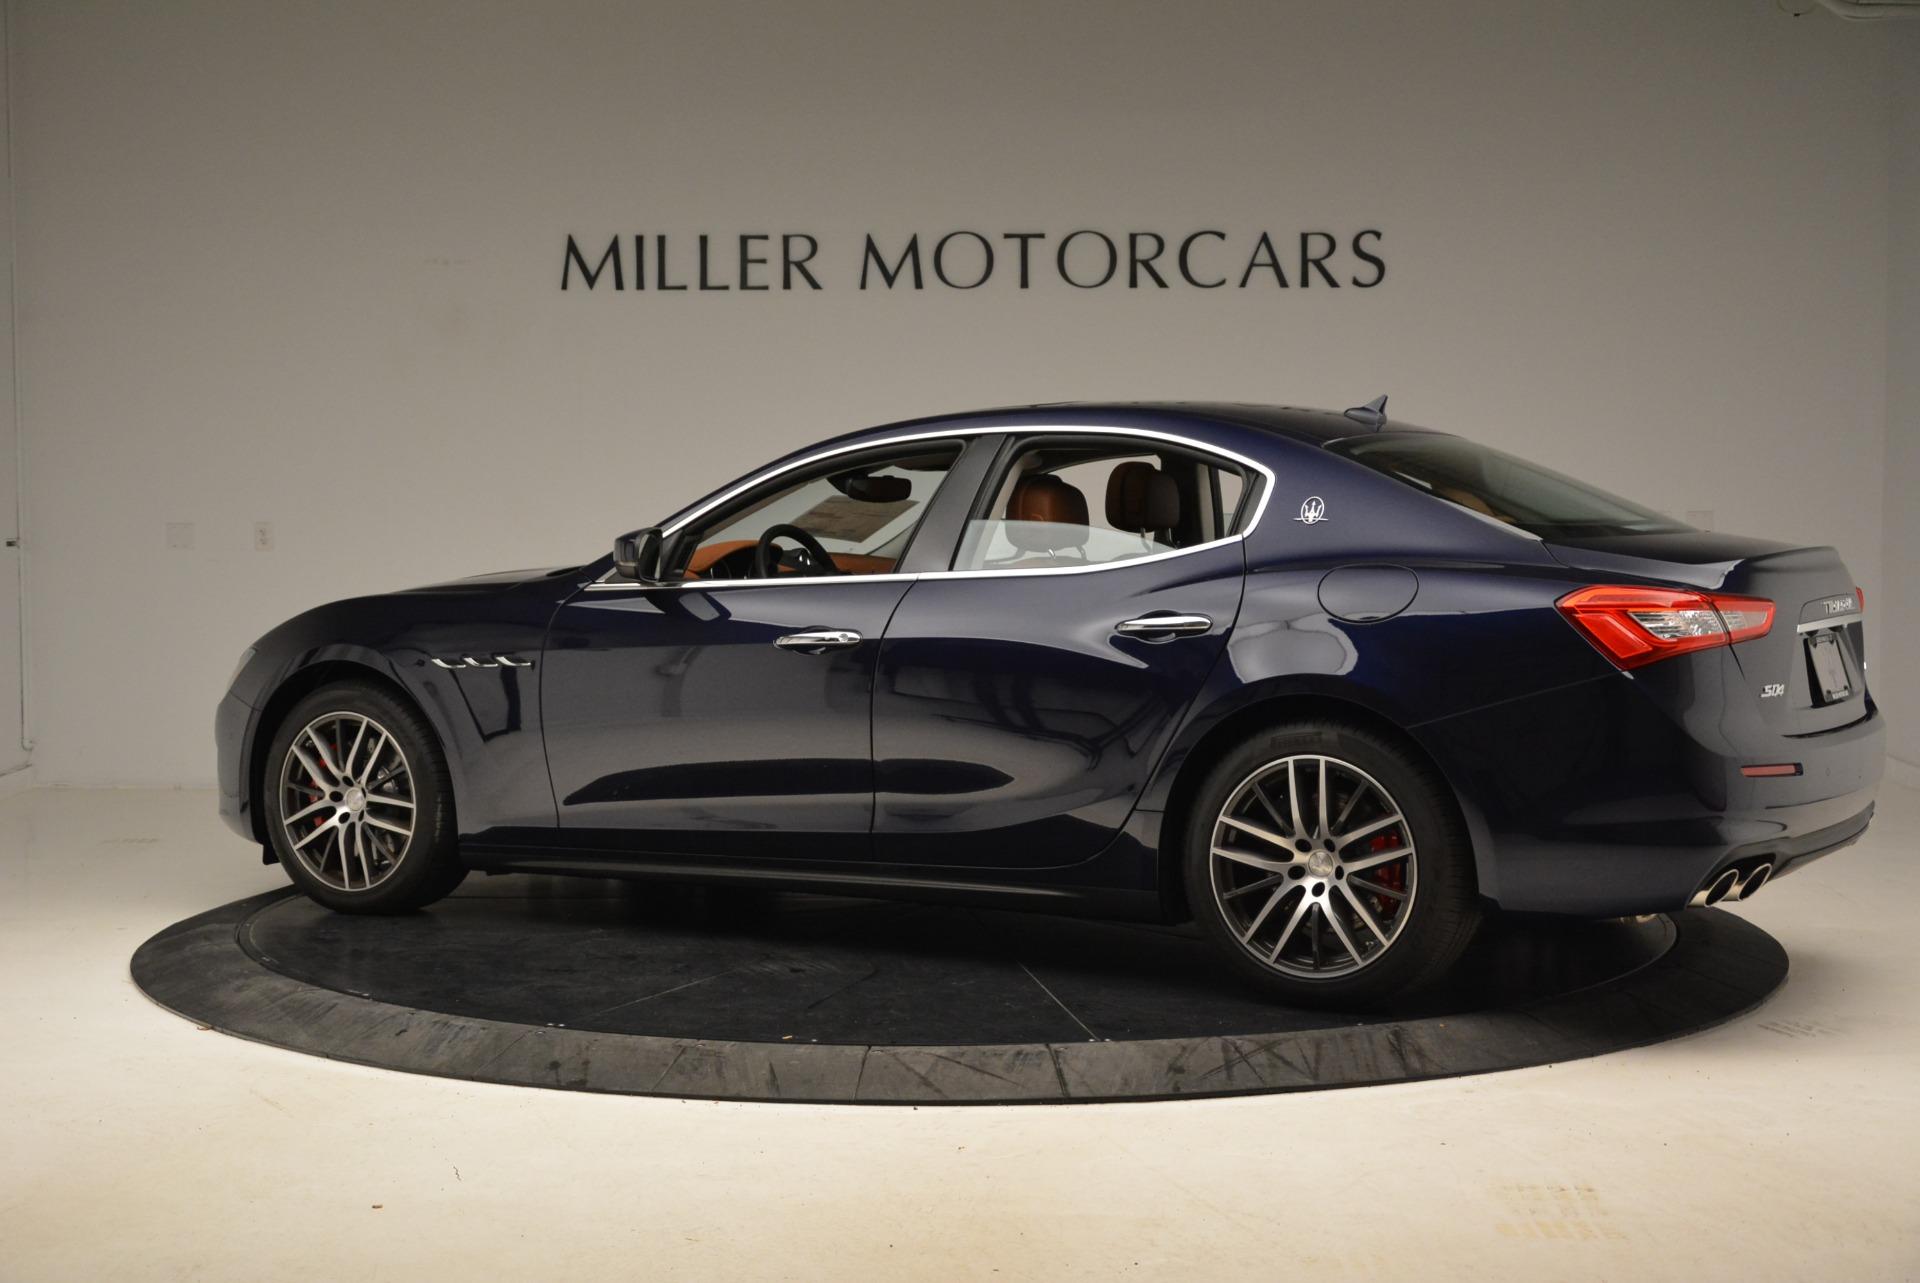 New 2019 Maserati Ghibli S Q4 For Sale In Greenwich, CT 3018_p4